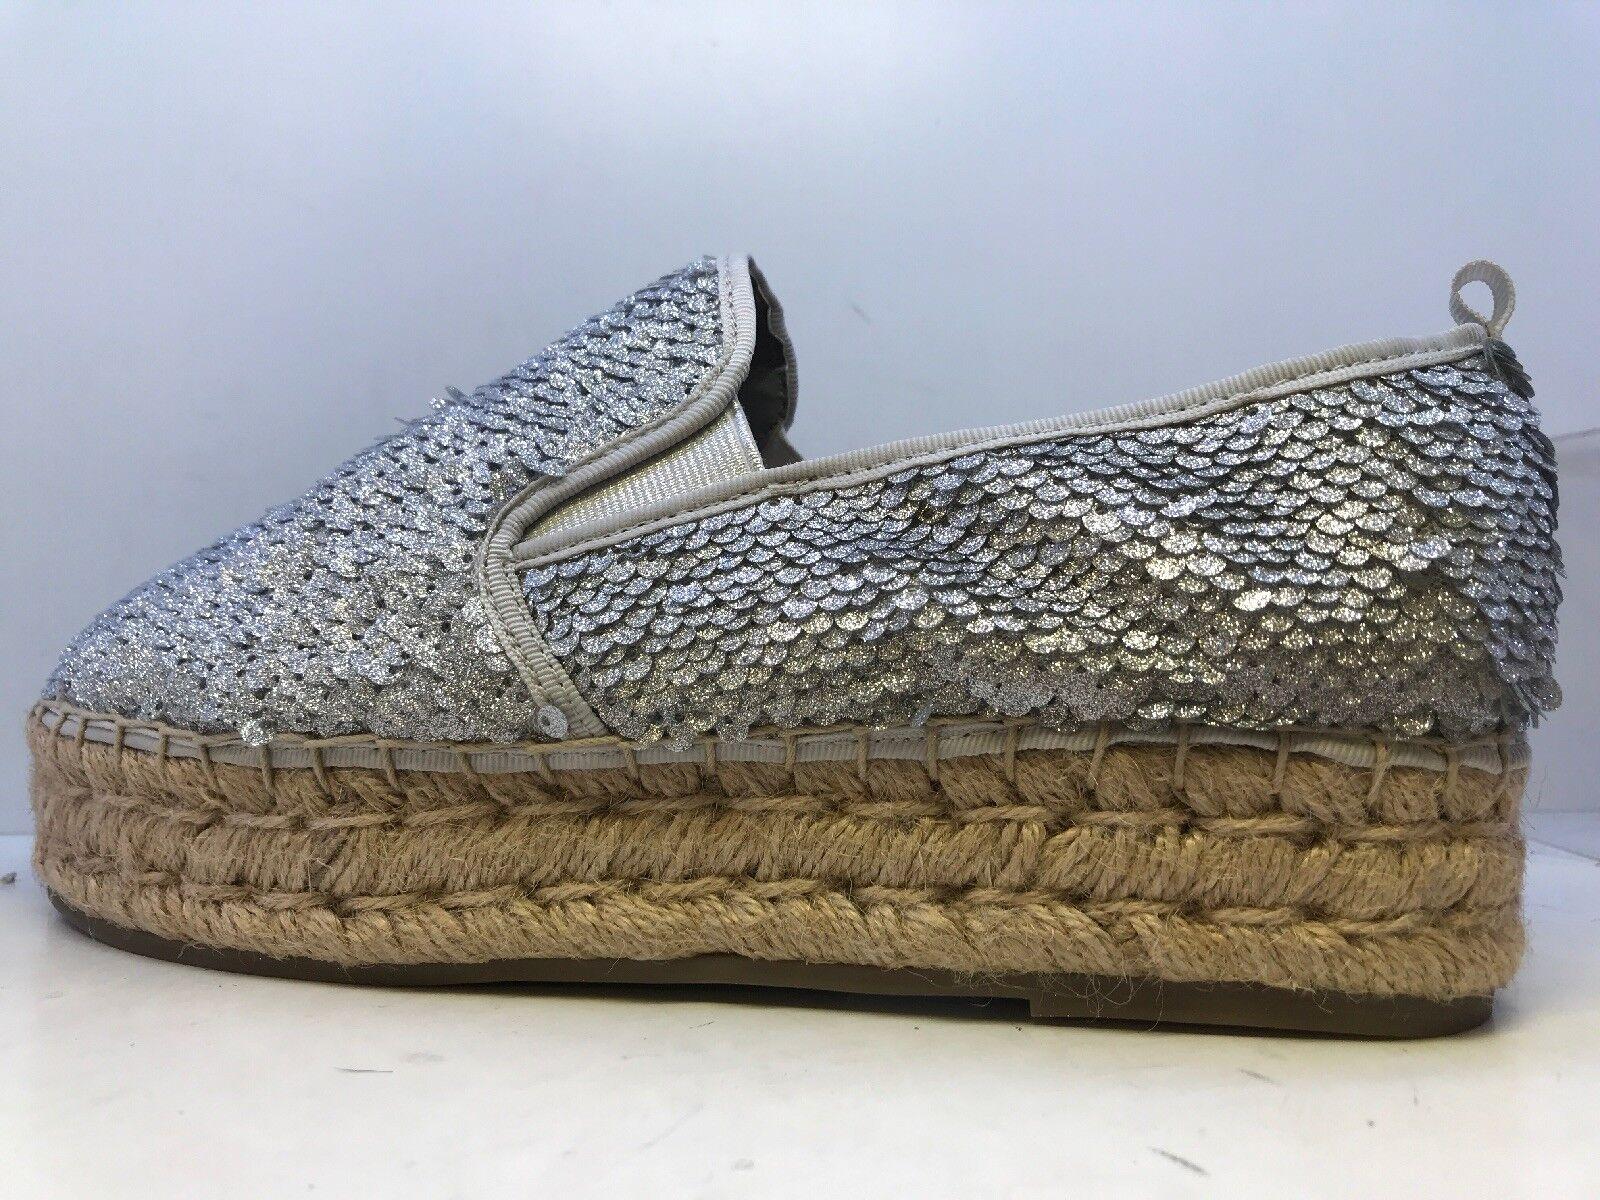 20165a6c41b802 ... Steve Madden Poppi Femmes argent pailletées Espadrilles Chaussures UK  Taille Taille Taille 6 | Jolie Et ...